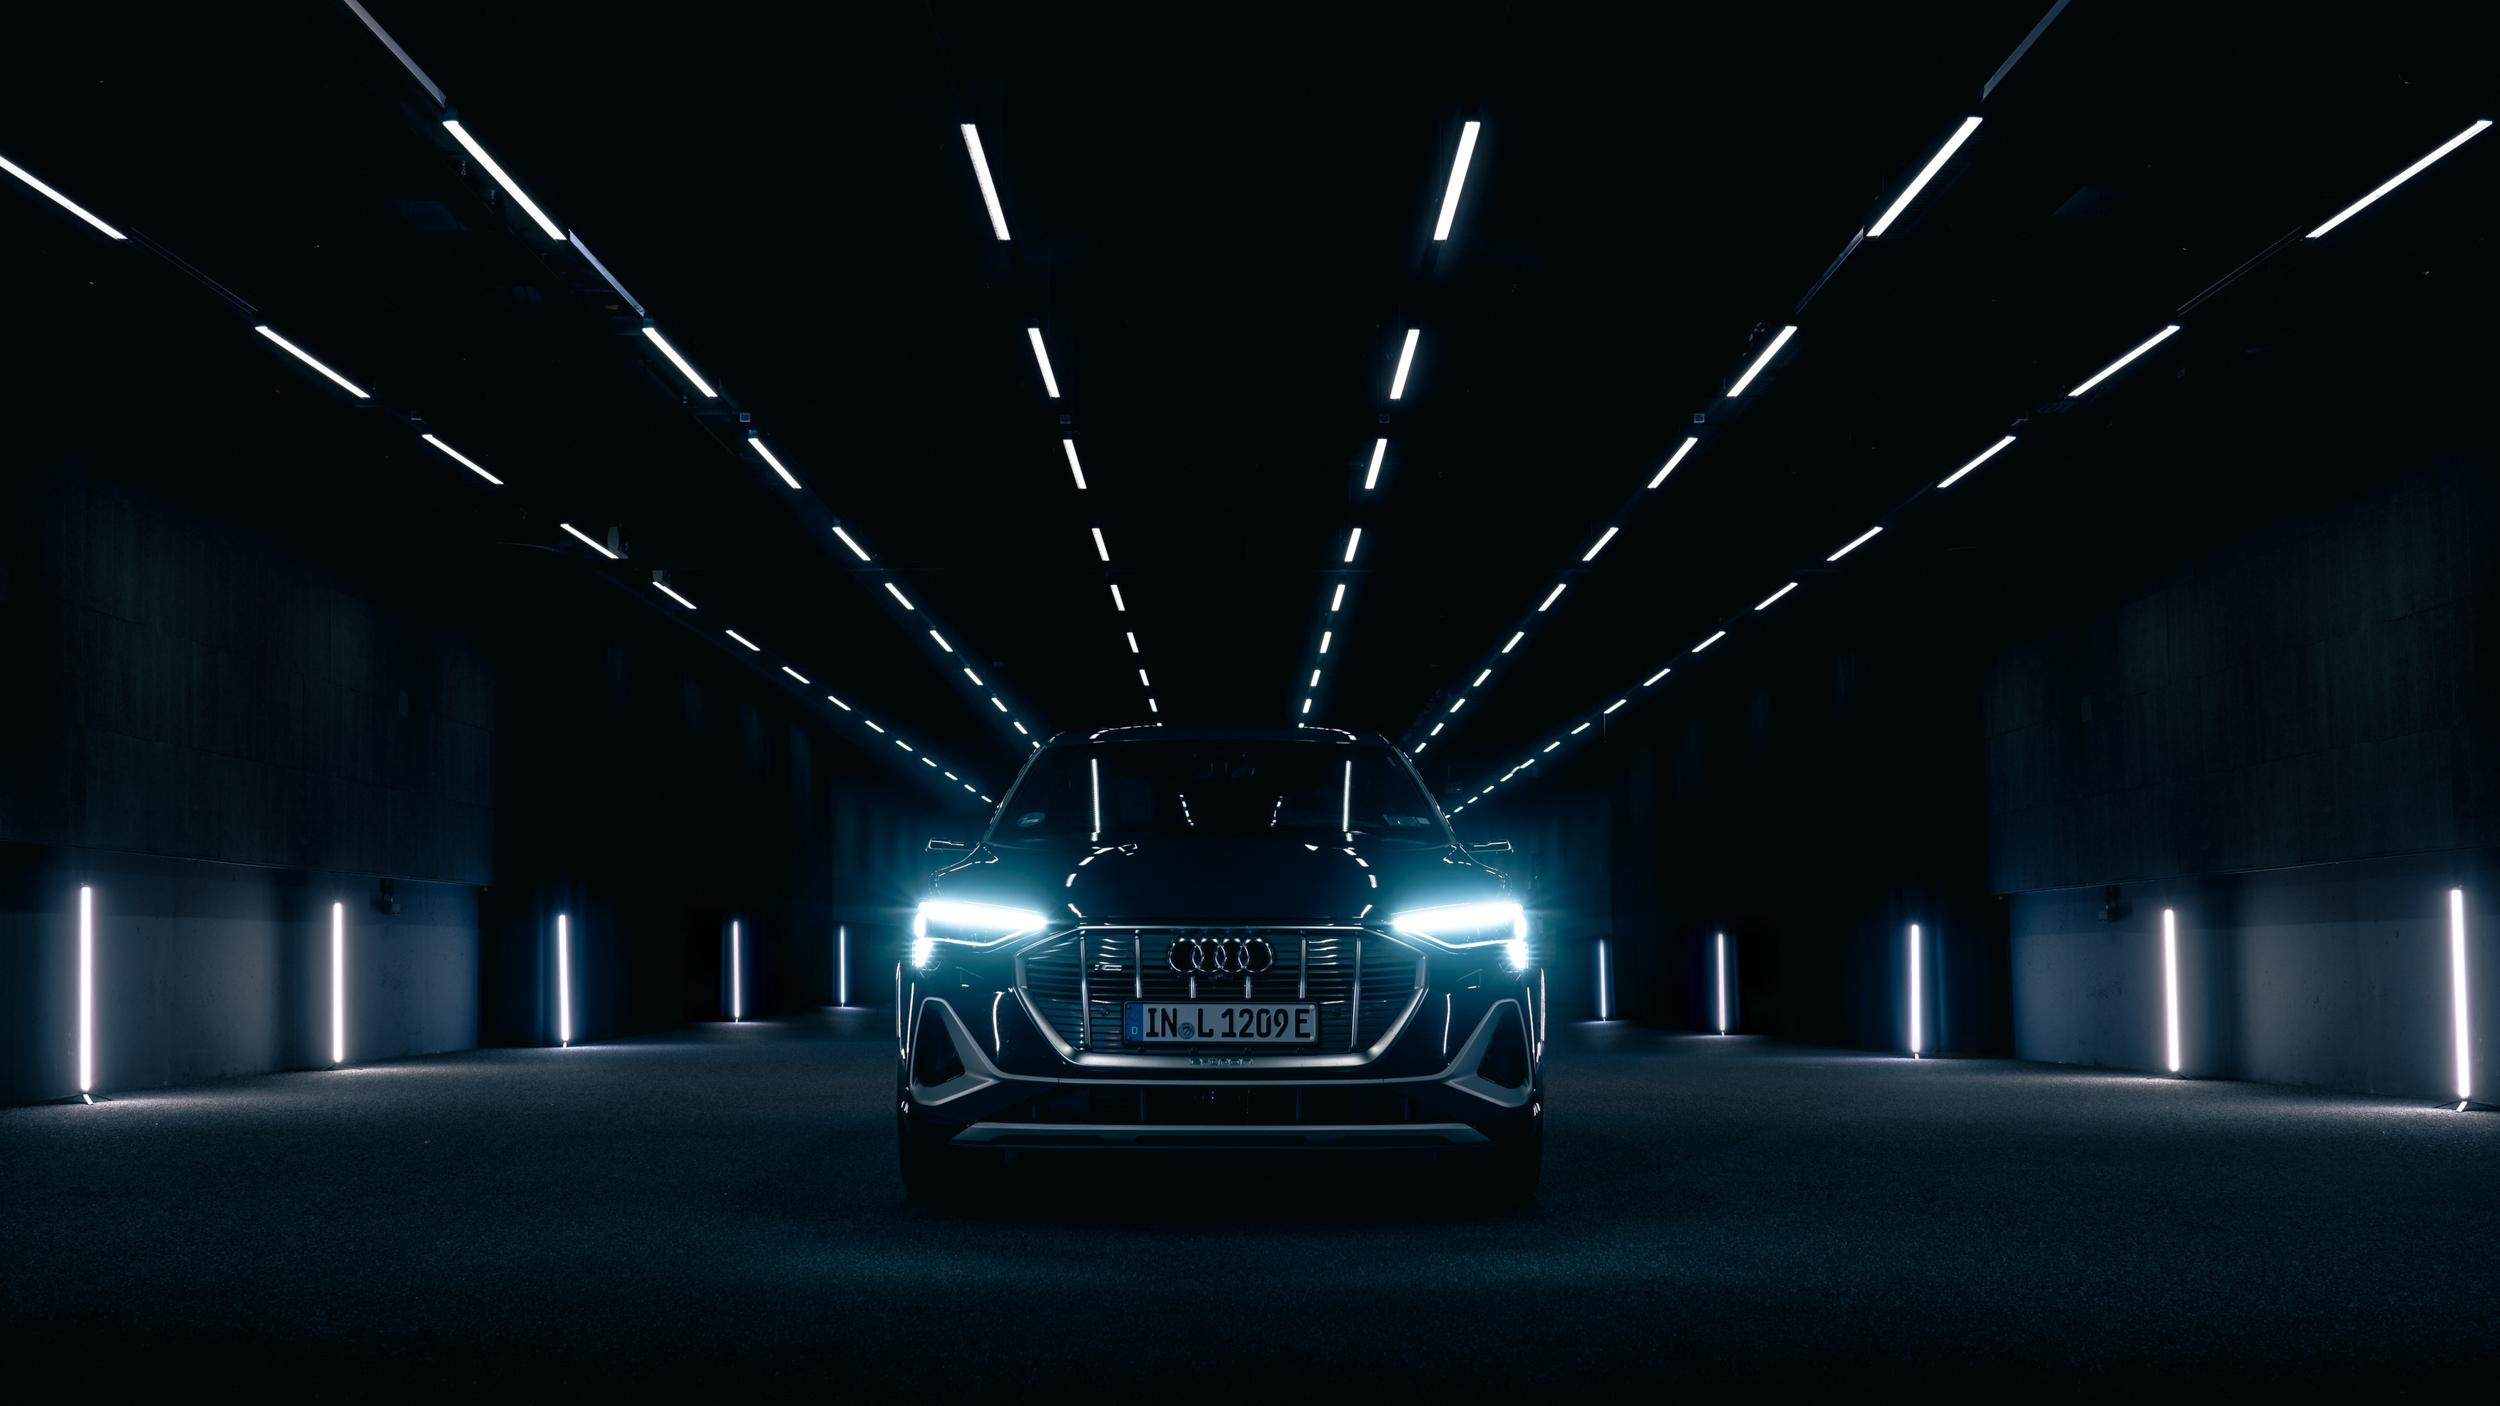 Audi 四環科技|前瞻智慧燈光科技引領車壇